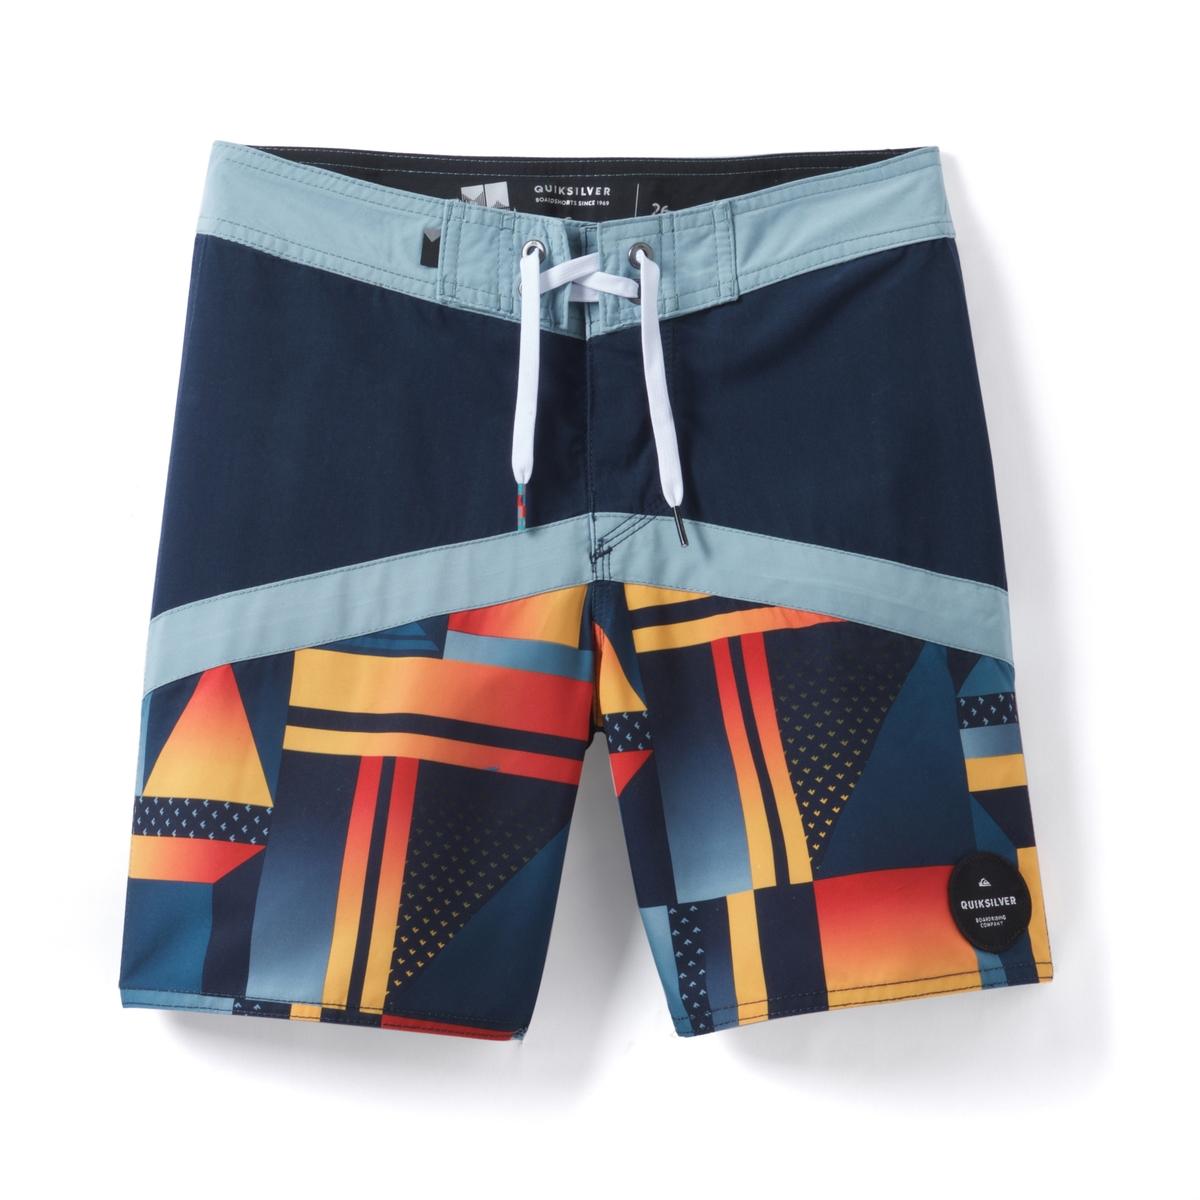 Пляжные шорты  8 - 16 лет Quiksilver® шорты пляжные детские quiksilver hightechyth16 real teal